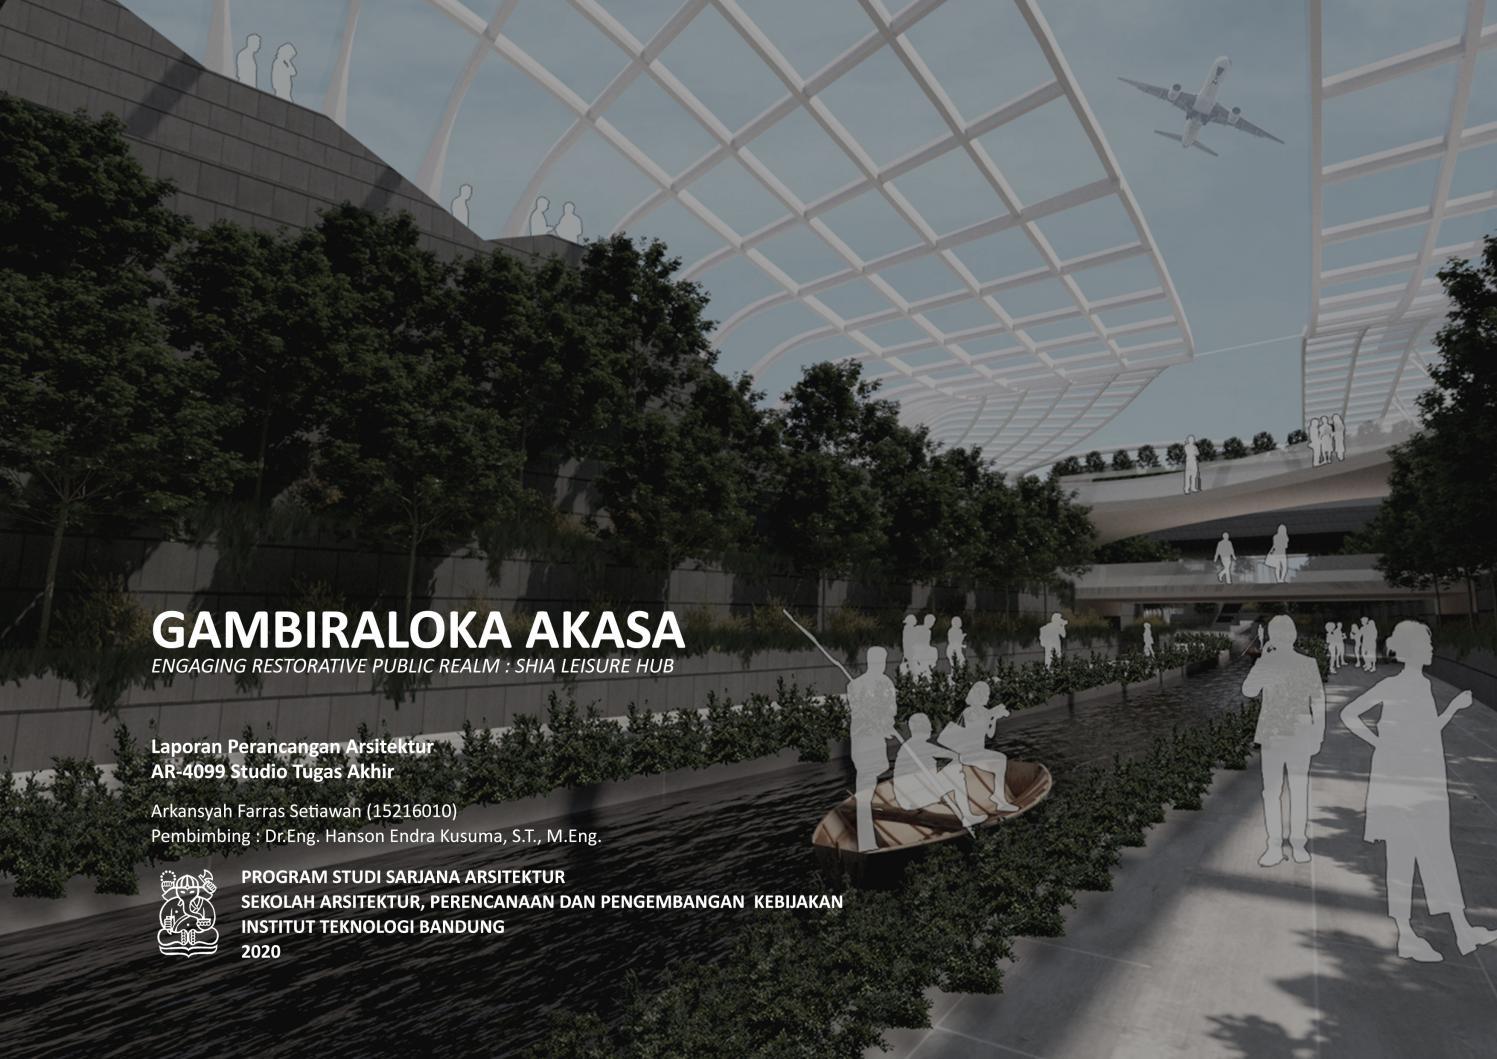 Laporan Perancangan Ar4099 Studio Tugas Akhir Arsitektur Itb Gambiraloka Akasa By Arkansyah Farras Setiawan Issuu